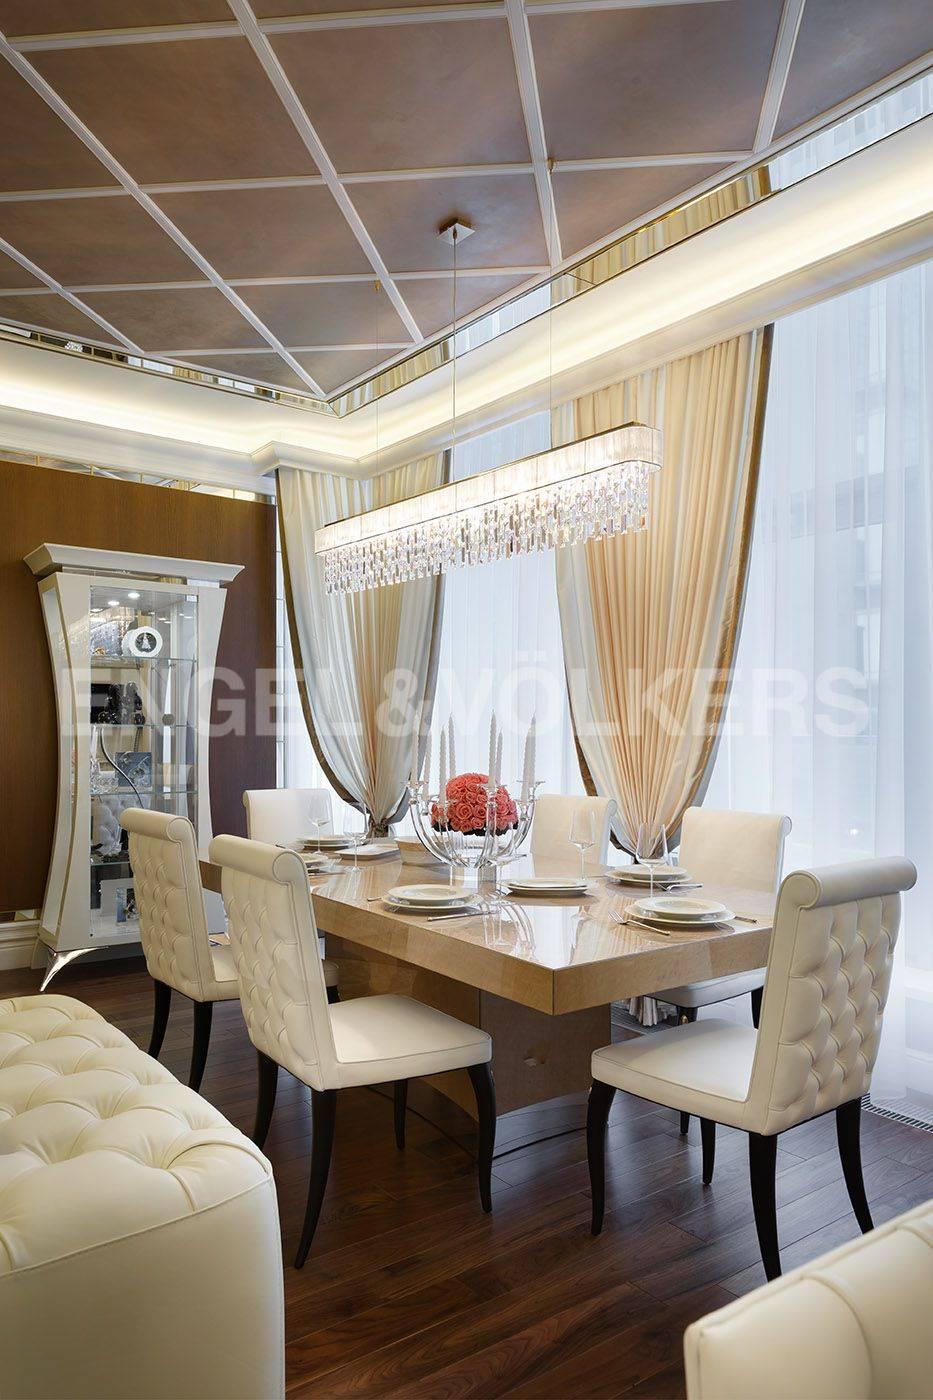 Элитные квартиры на . Санкт-Петербург, Константиновский, 23. Столовая зона